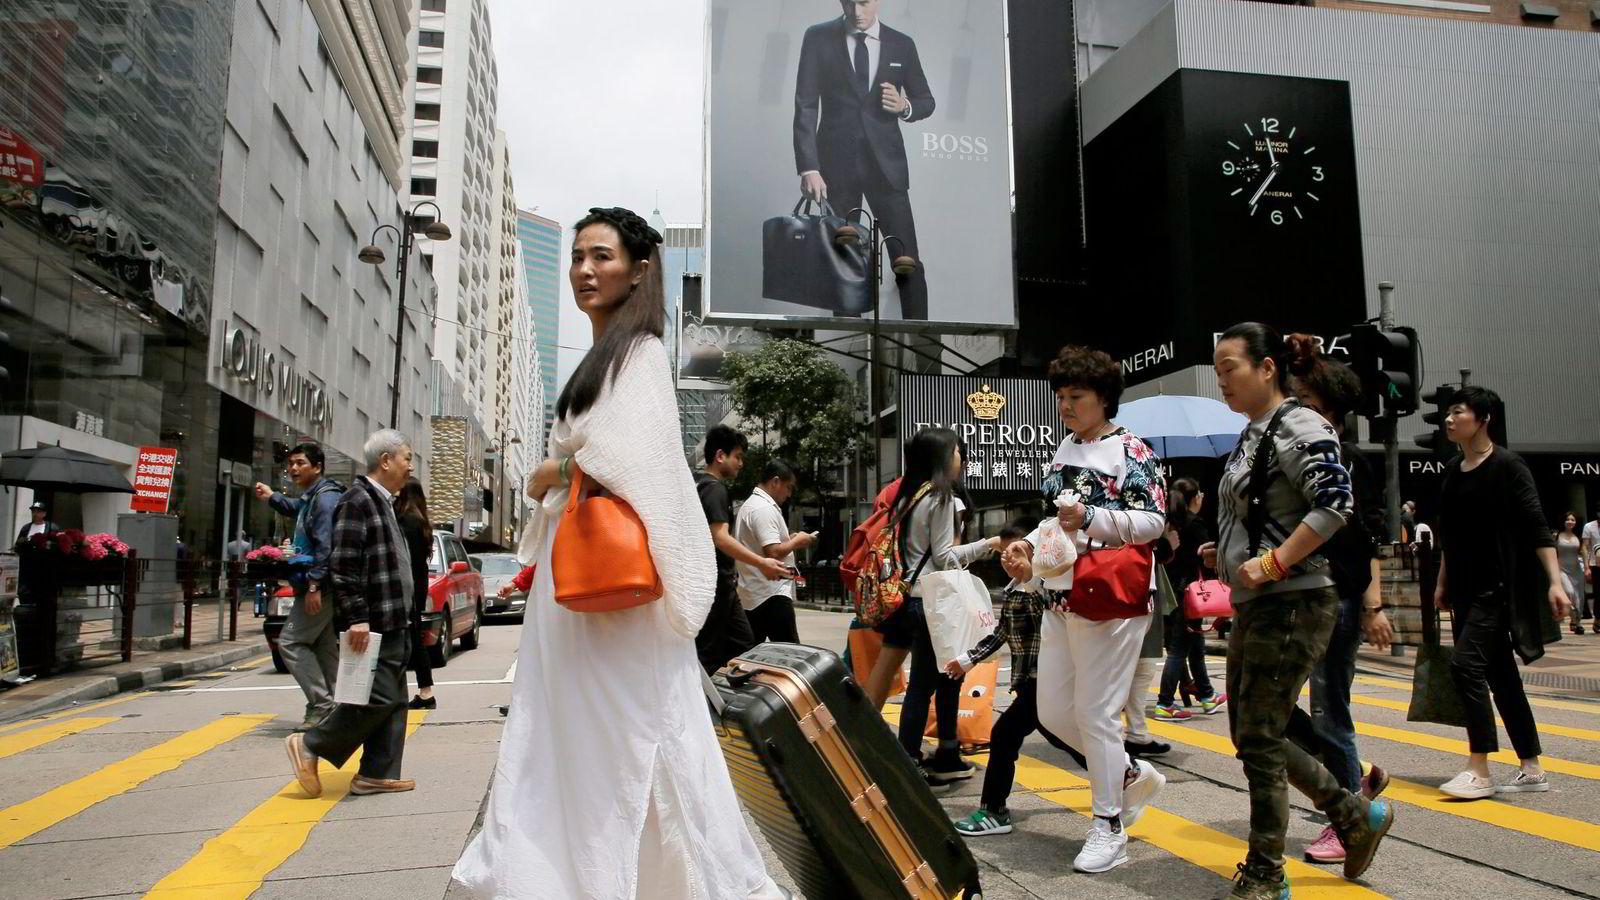 En sterk dollar gjør det dyrere å handle i Hong Kong og europeiske produsenter av luksusmerkenavn er hardt rammet. Her fra en av mange handlegater i Hong Kong. Foto: Vincent Yu, AP Photo